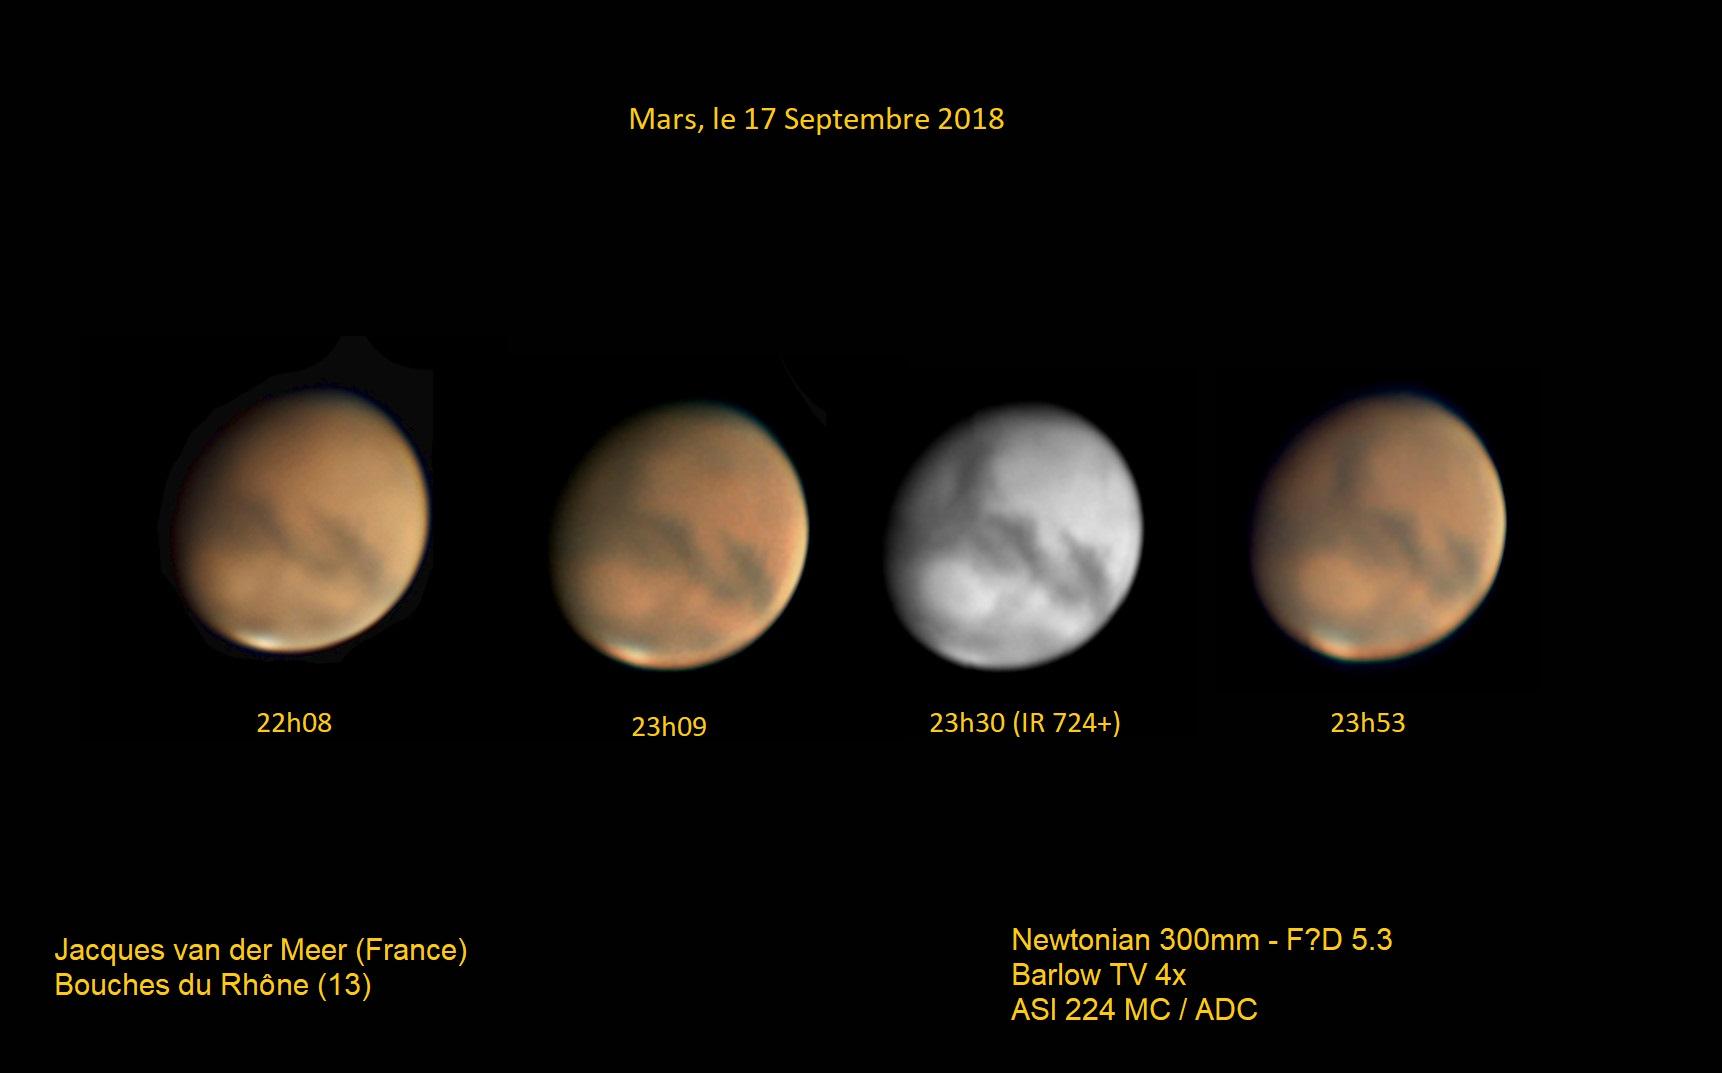 Mars, le 17 Septembre